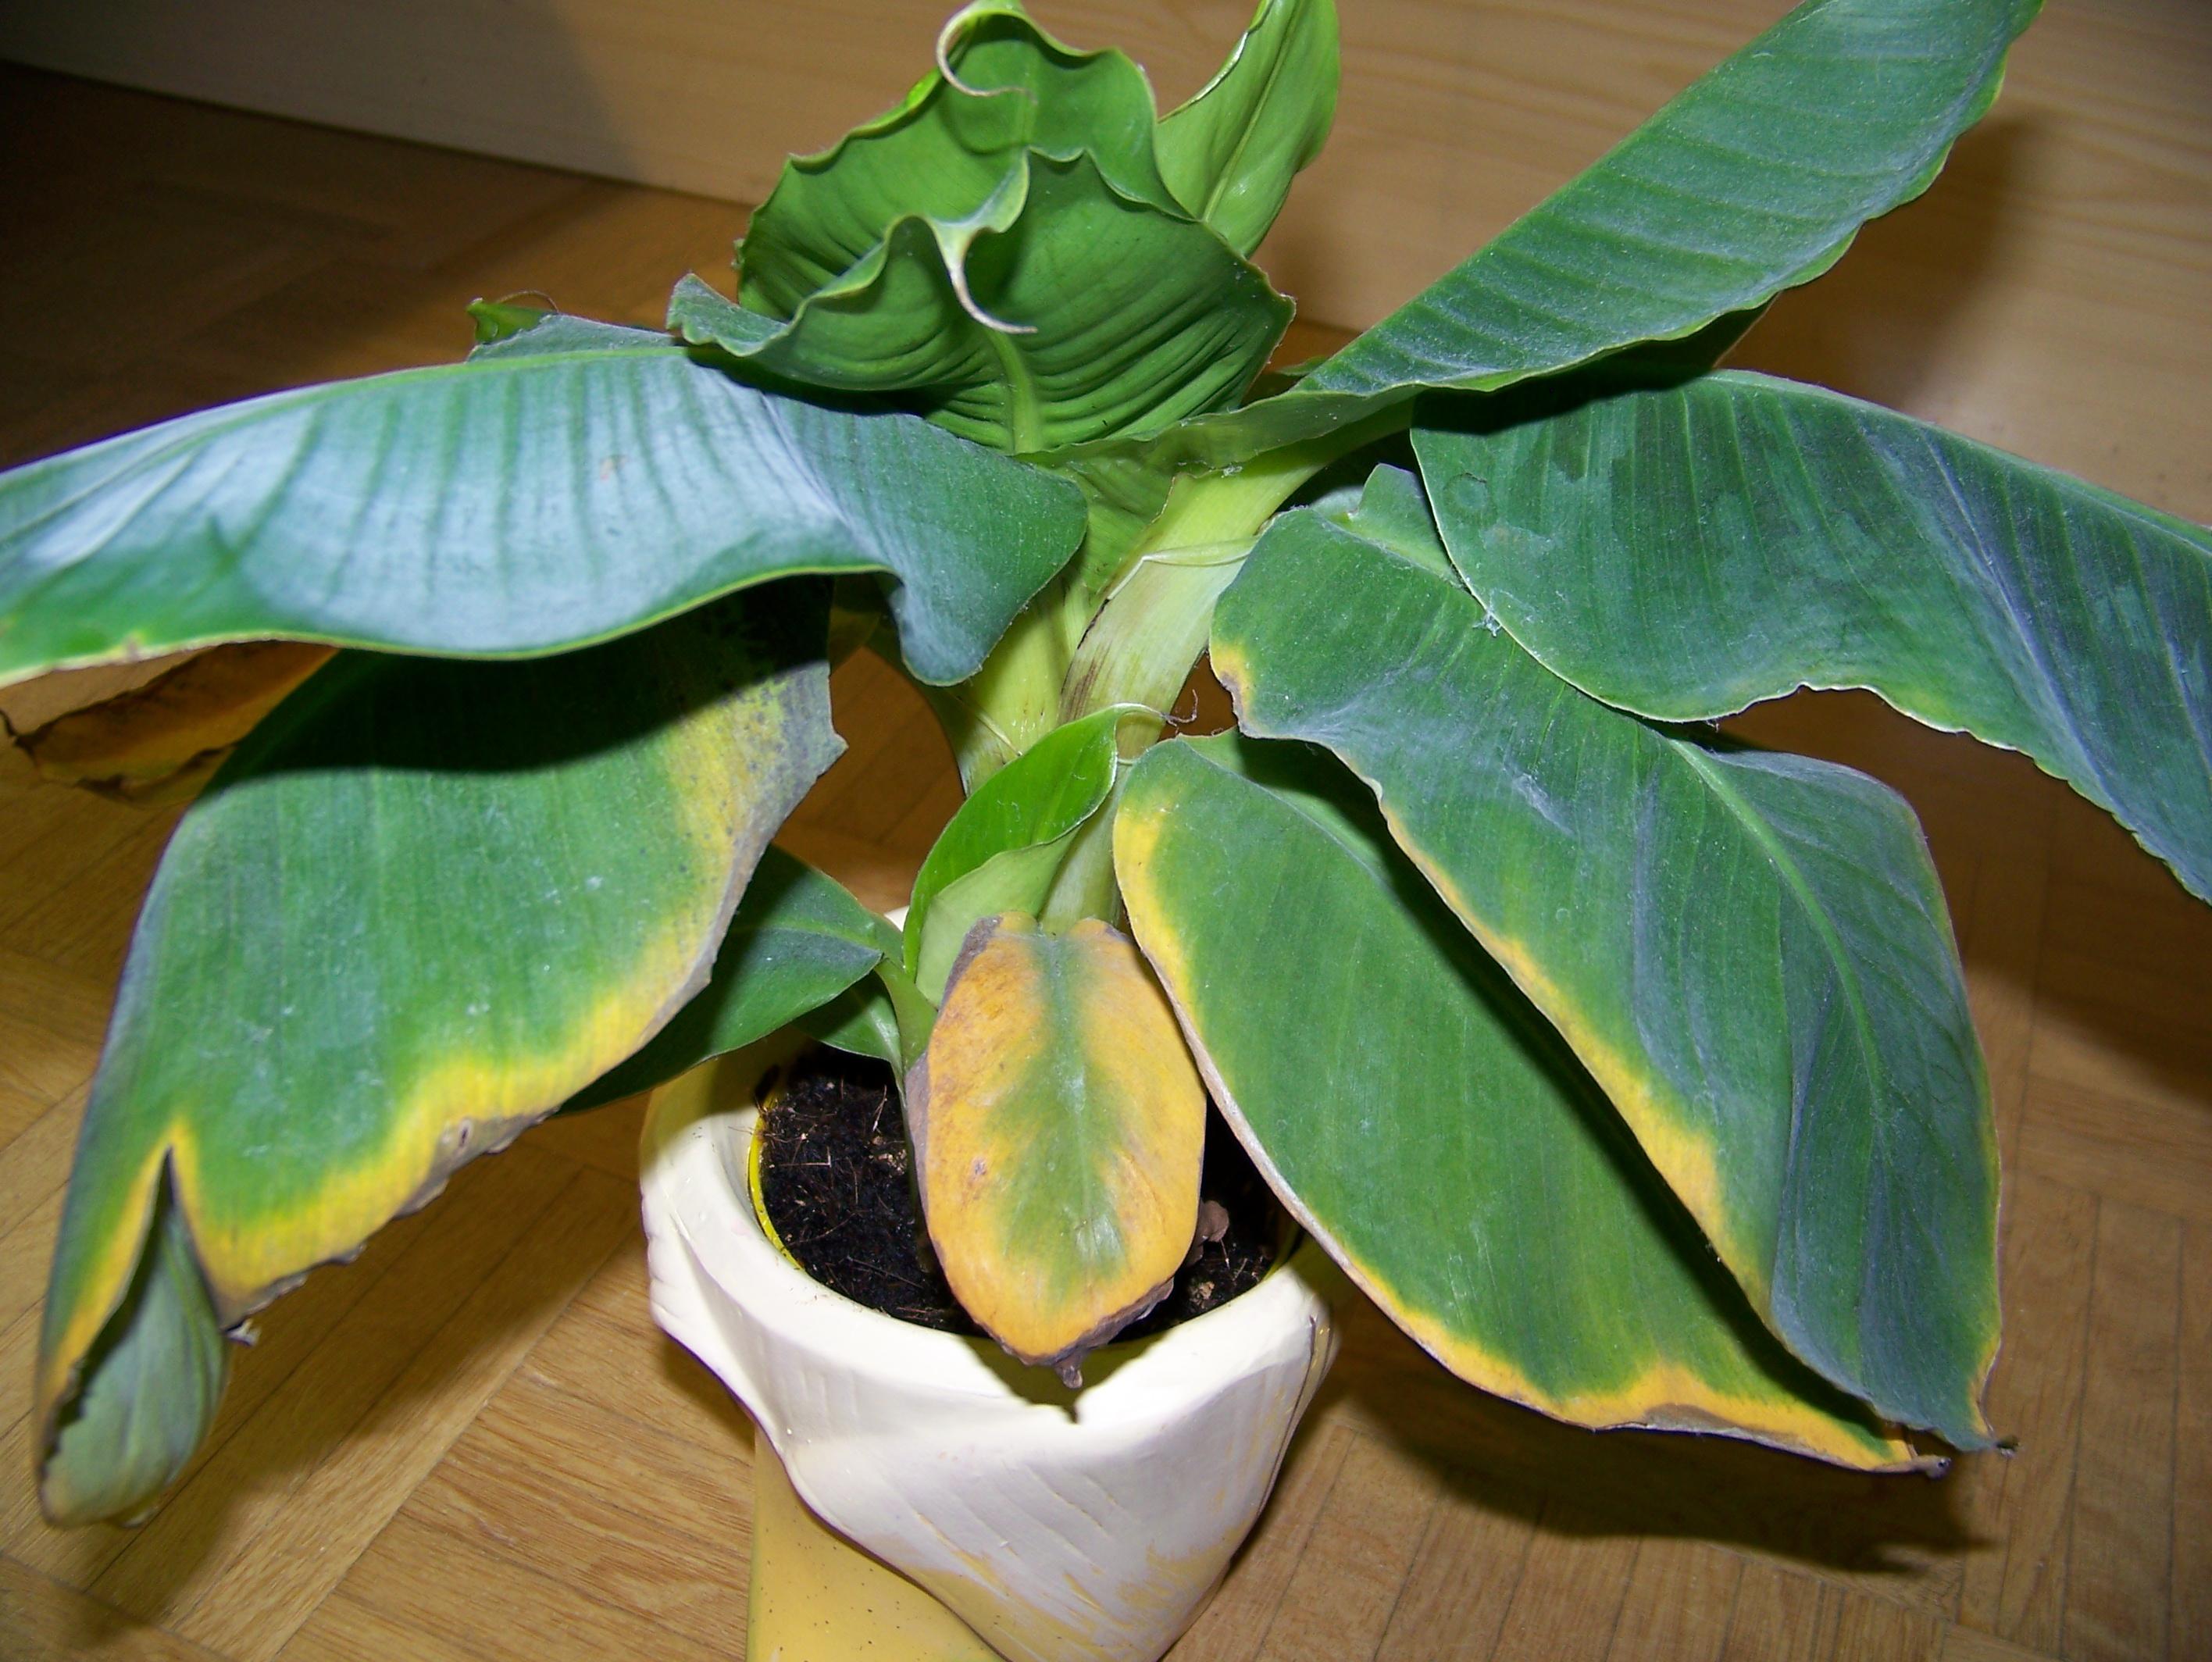 Bananenbaum bekommt gelbe Blätter wer weiss was de